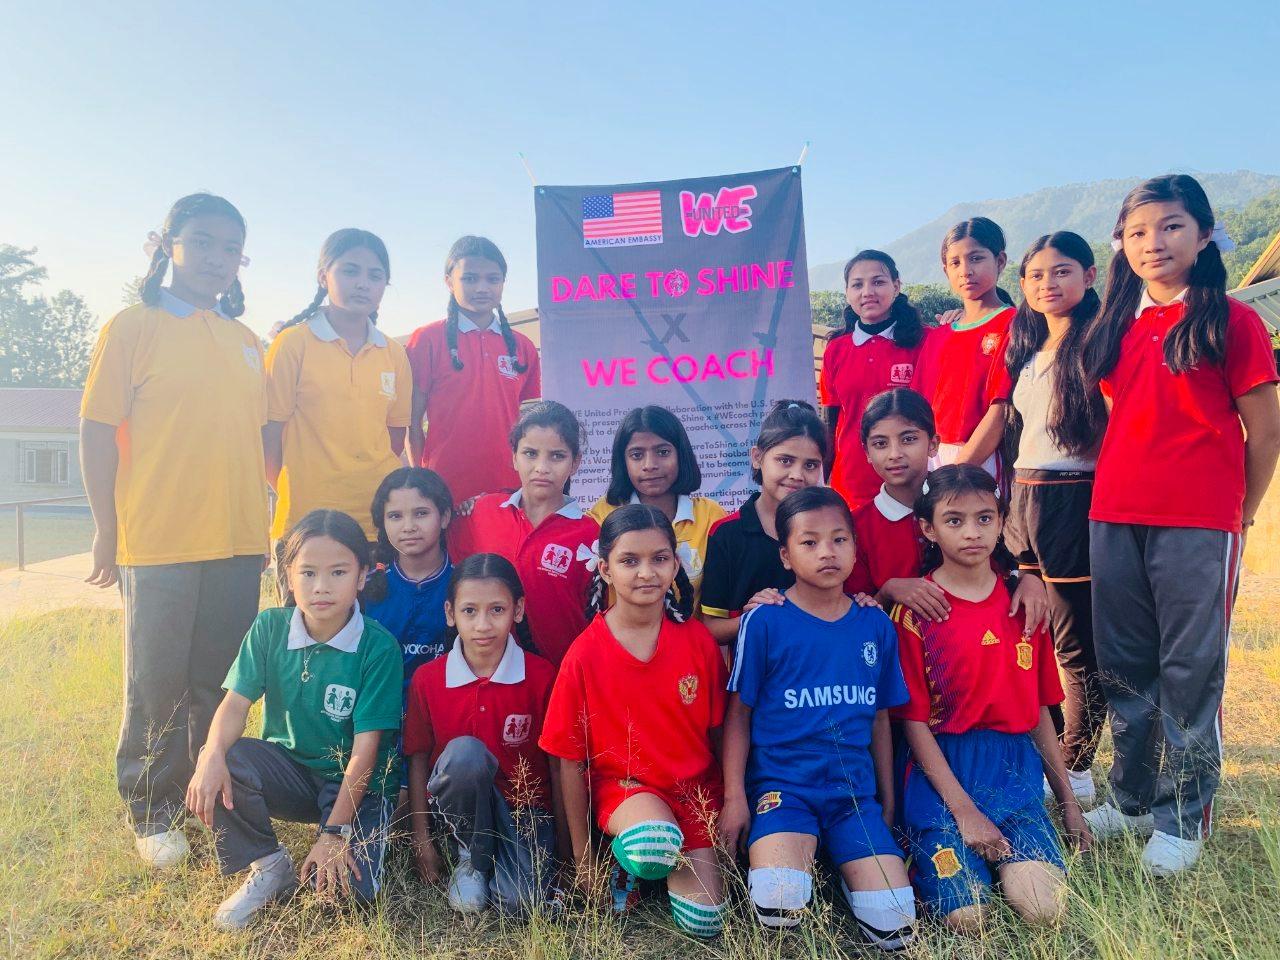 Calcio femminile internazionale: The WE United Project